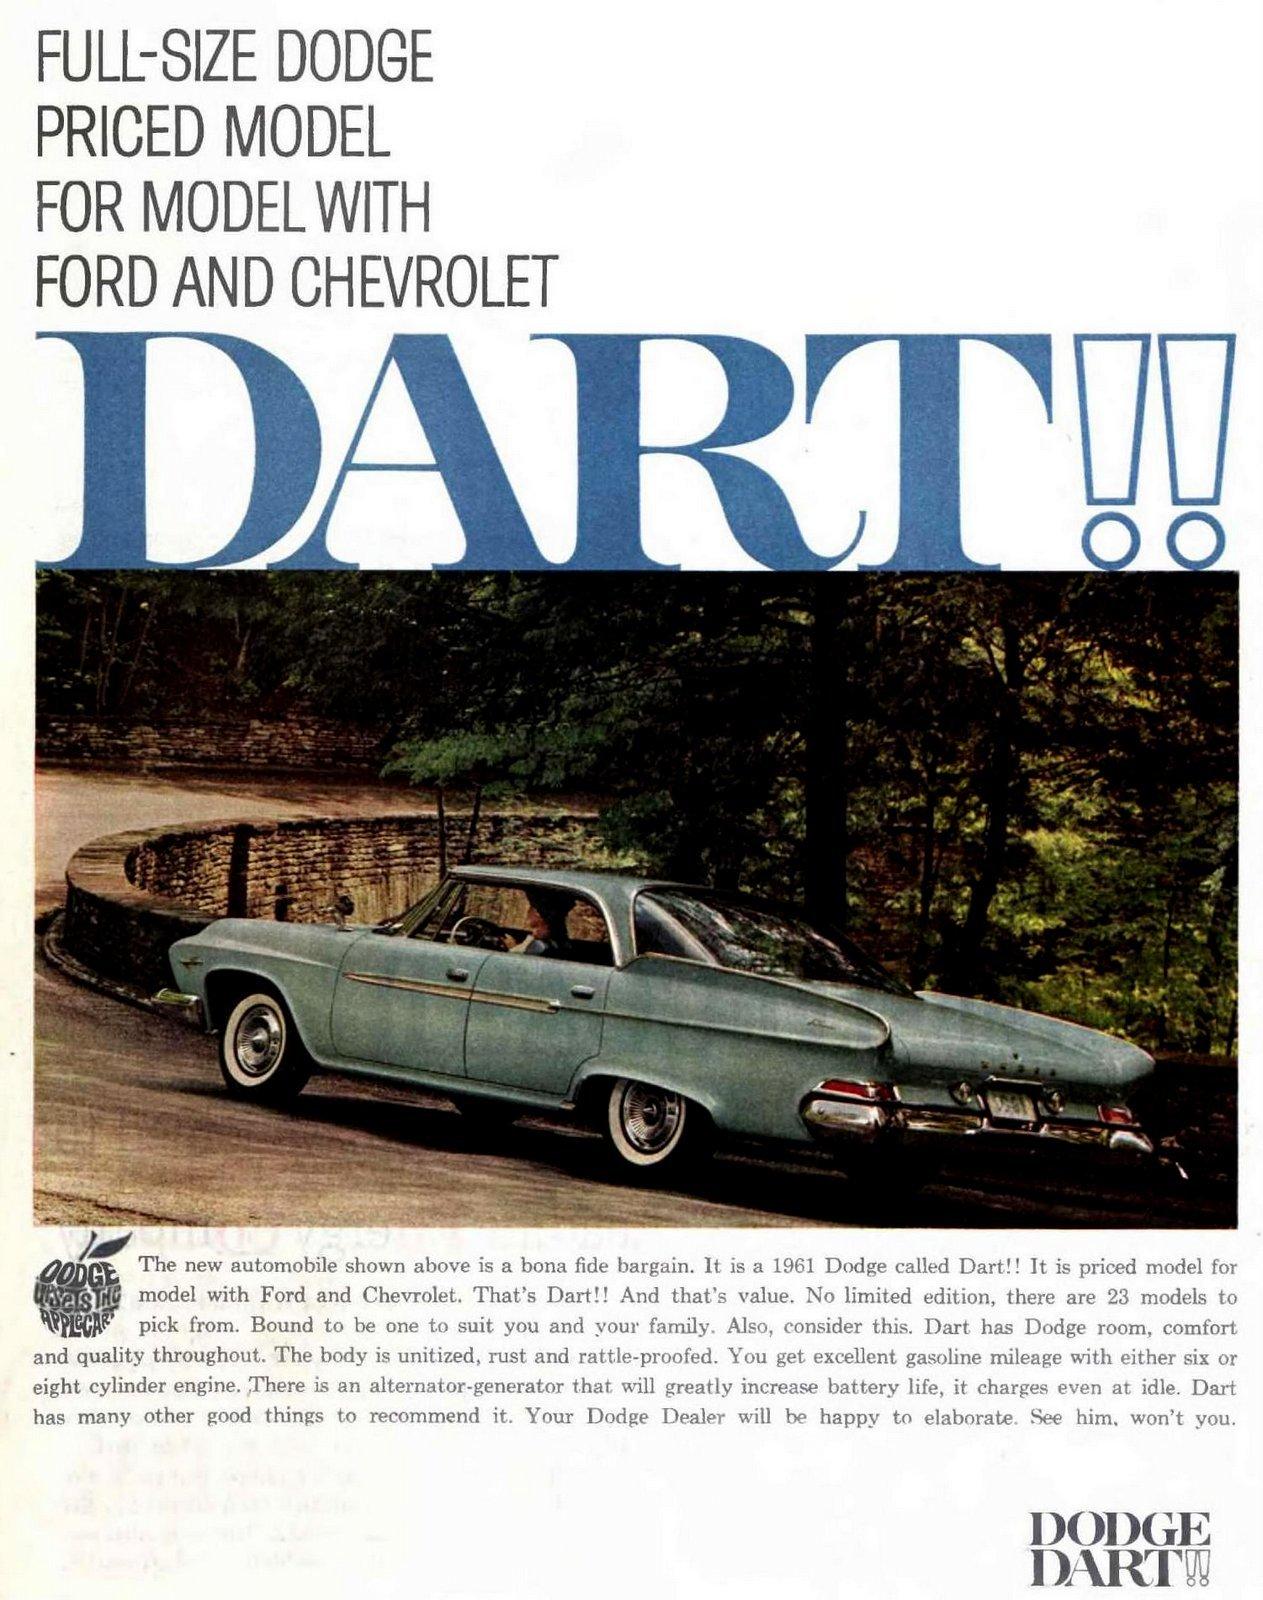 1961 Dodge Dart cars from Chrysler